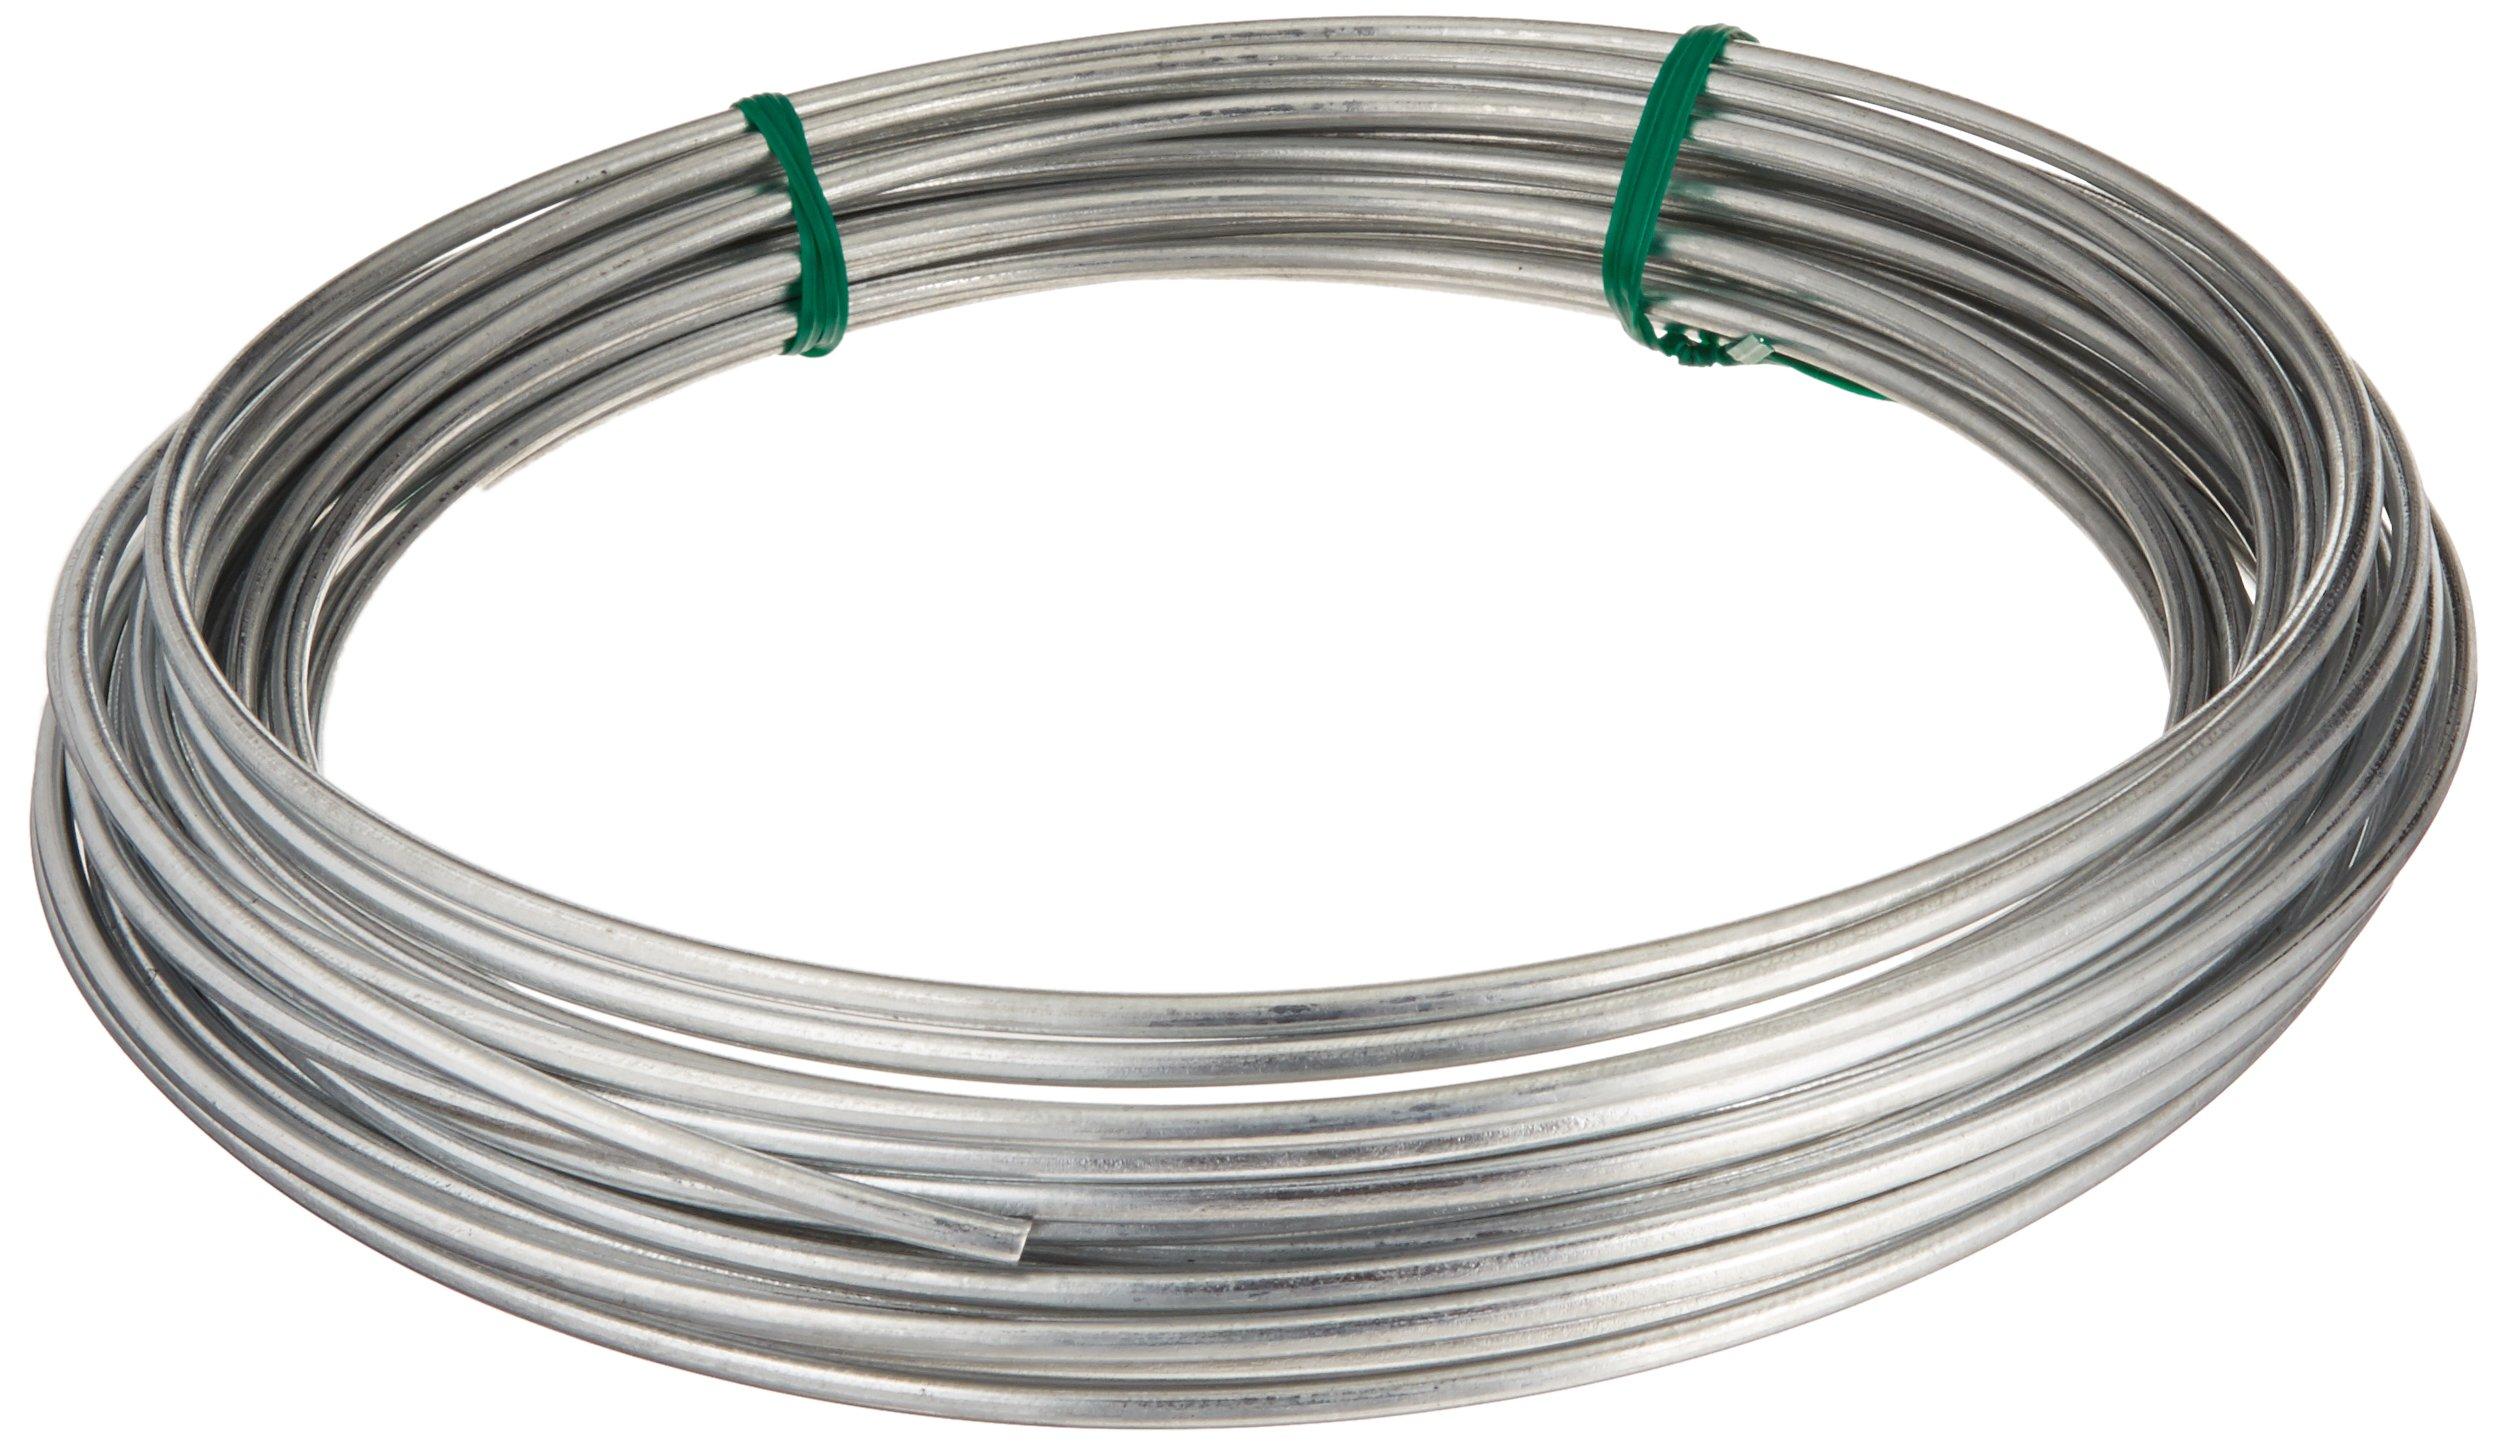 hillman 122062 galvanized solid utility wire 9 gauge 50